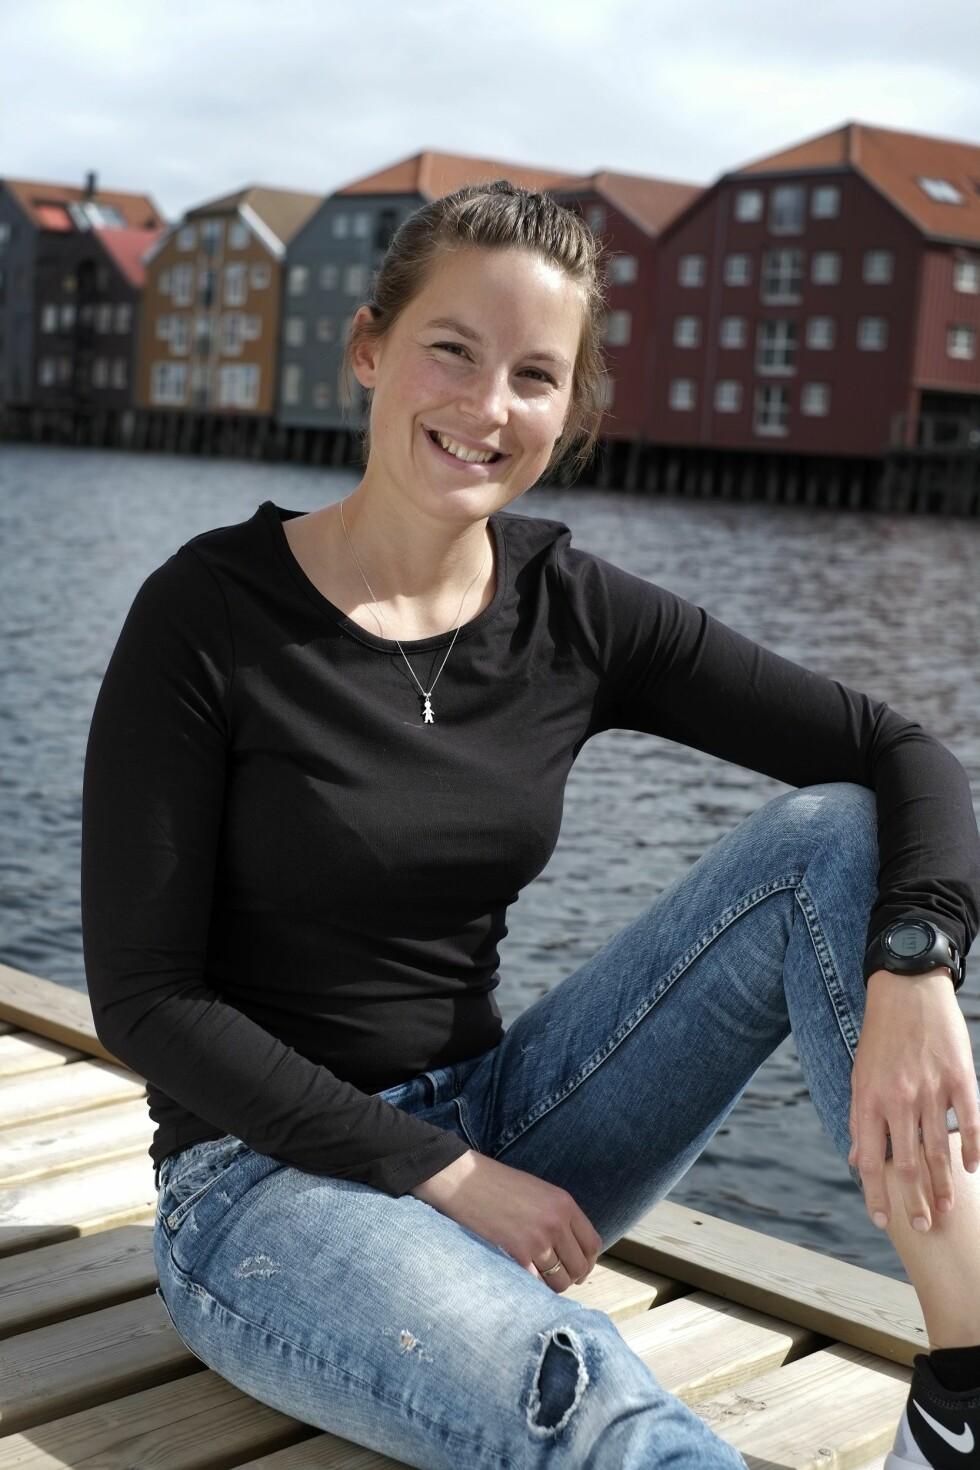 FRIVILLIG: Rita jobber som frivillig iIKS (Interessegruppa for Kvinner med Spiseforstyrrelser) i Trondheim. – Her hjelper jeg andre i samme situasjon. Det er godt å vite atman ikke er alene, sier hun.